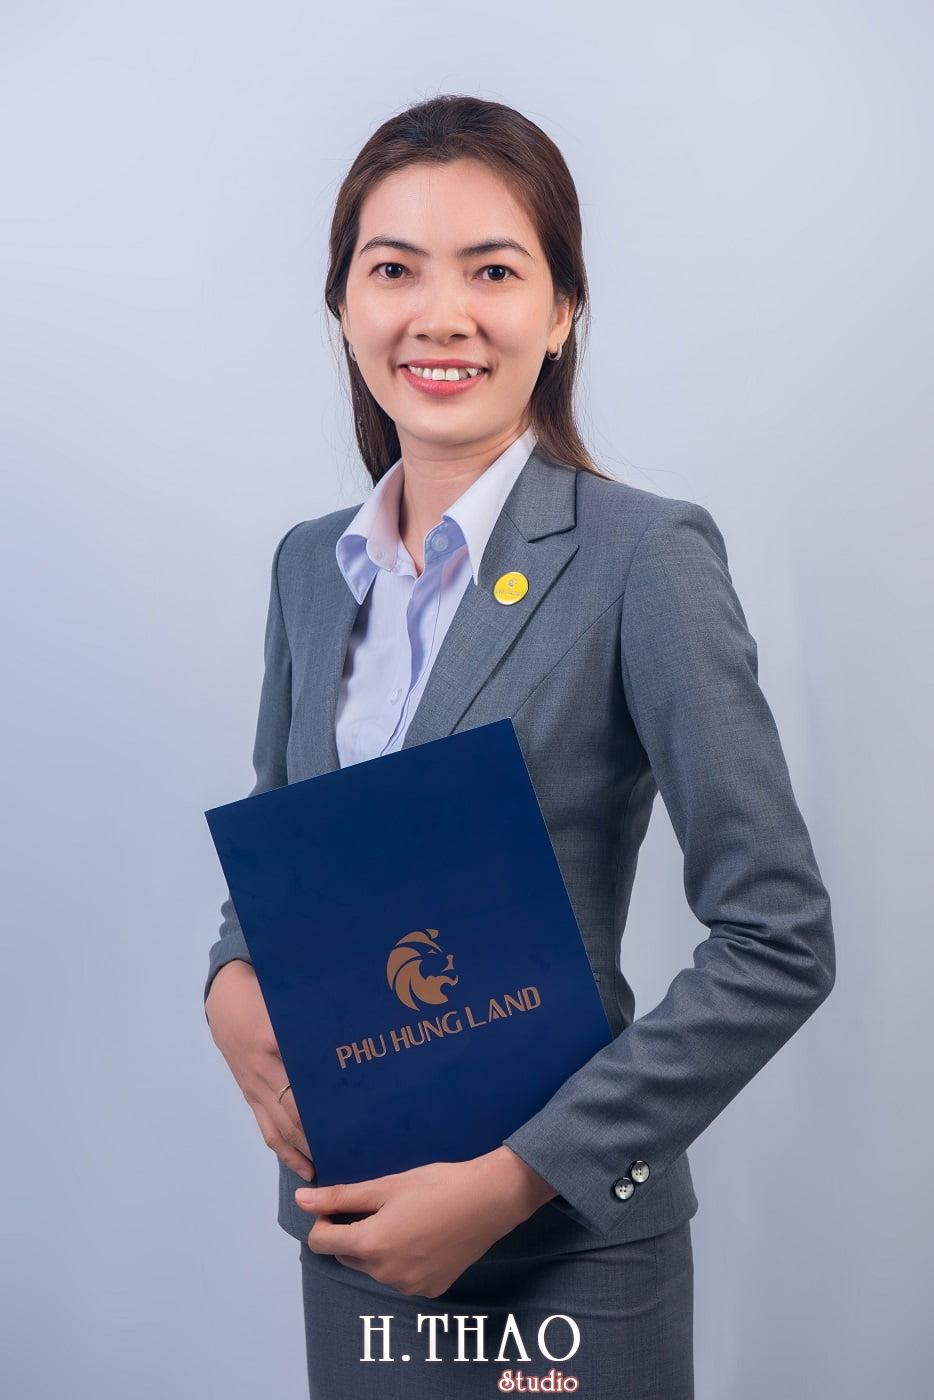 Phu Hung Land 10 - Album ảnh profile nhân sự công ty Phu Hung Land – HThao Studio